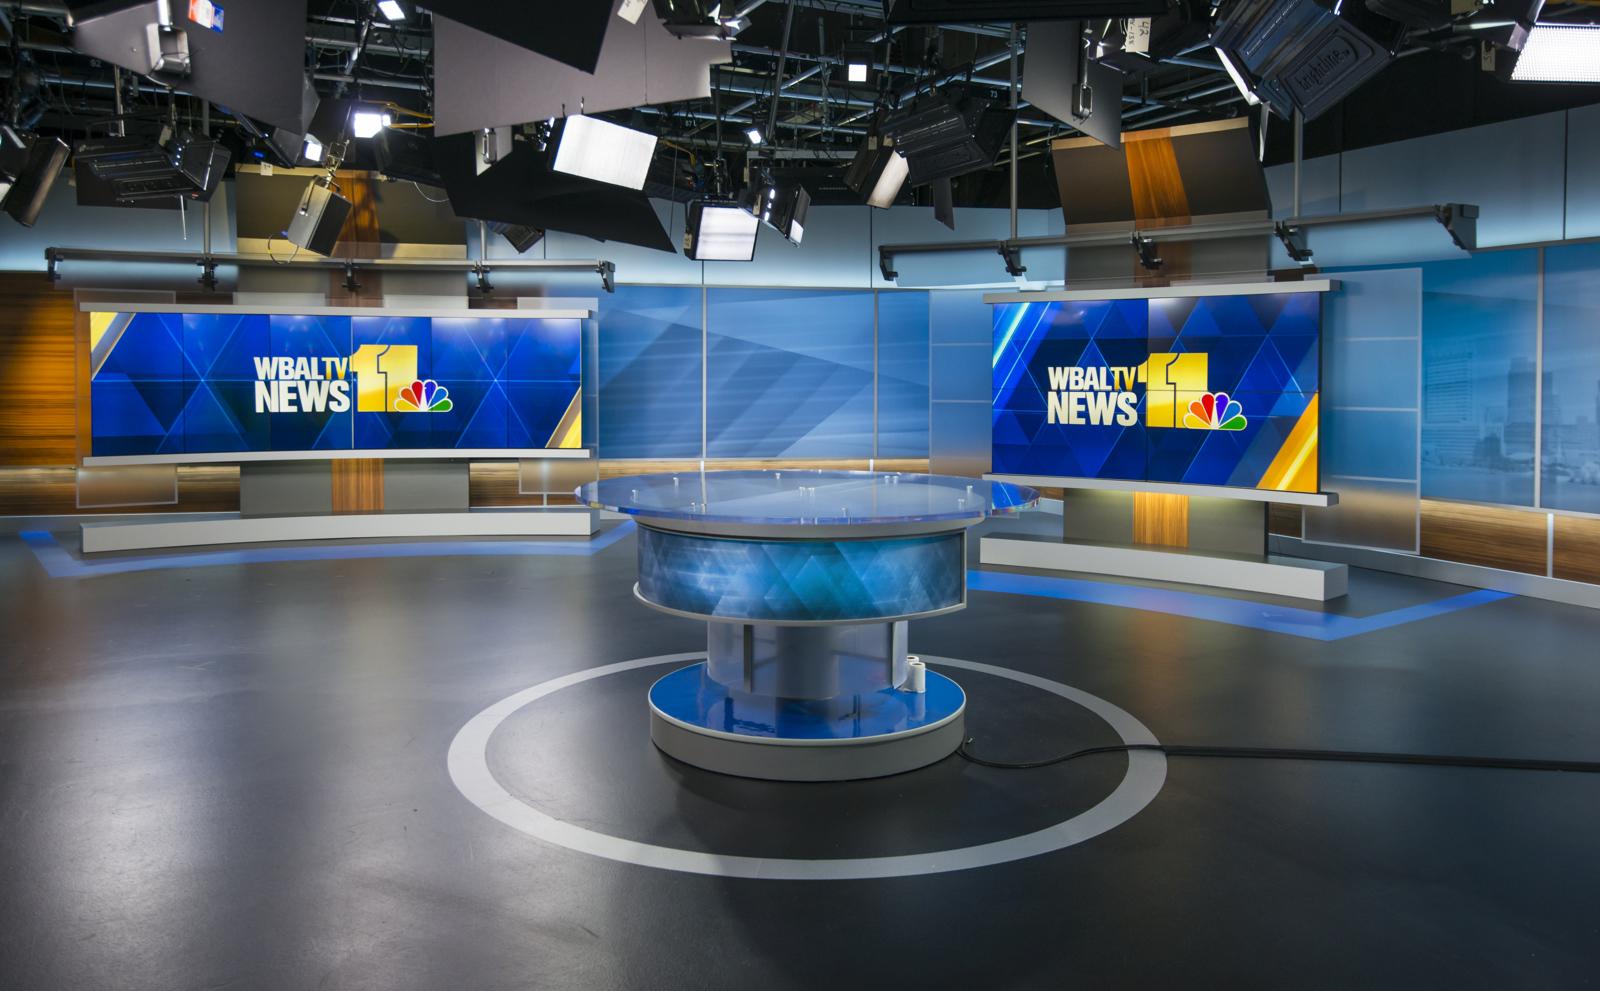 ncs_wbal-news-11-tv-studio_0006